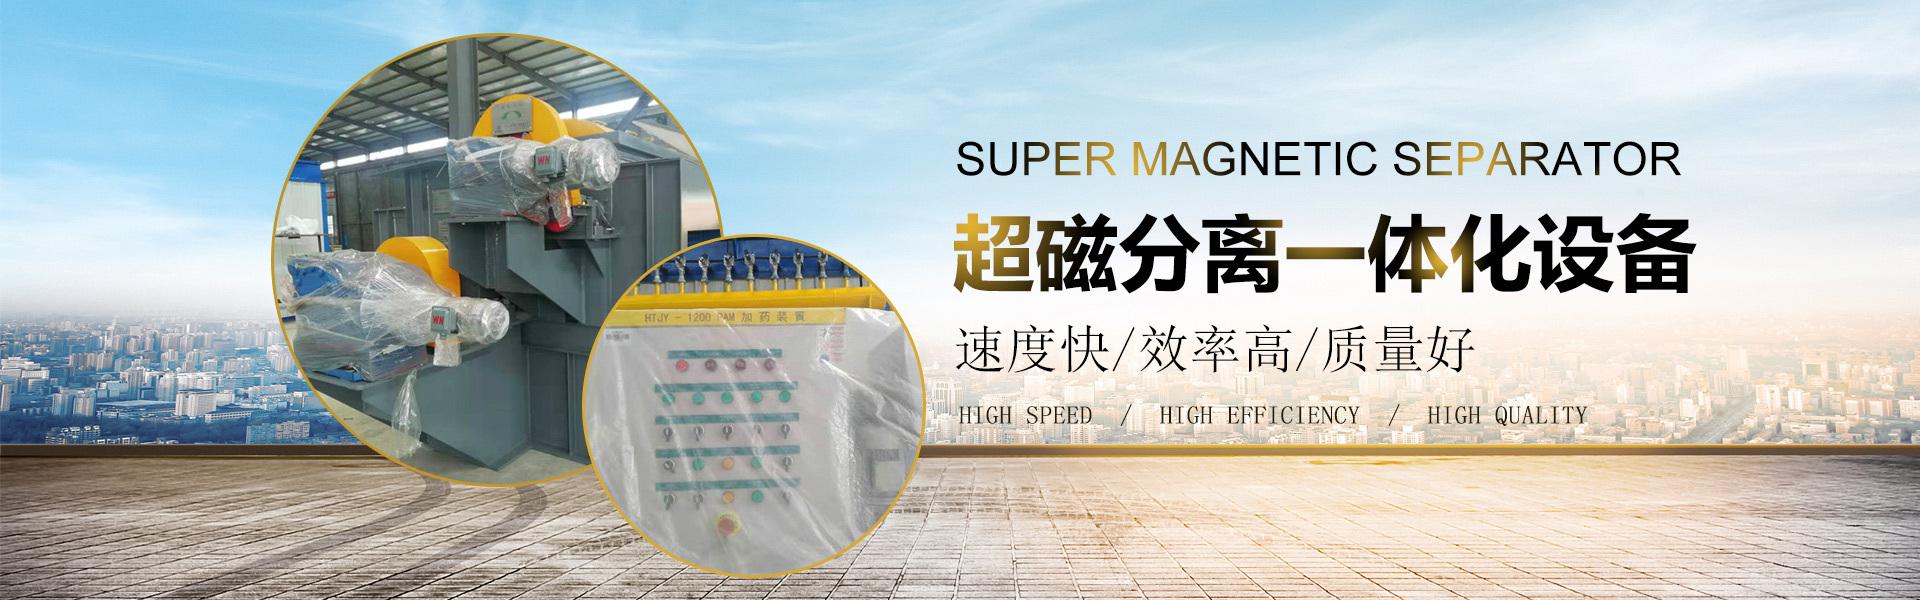 超磁分离一体化设备